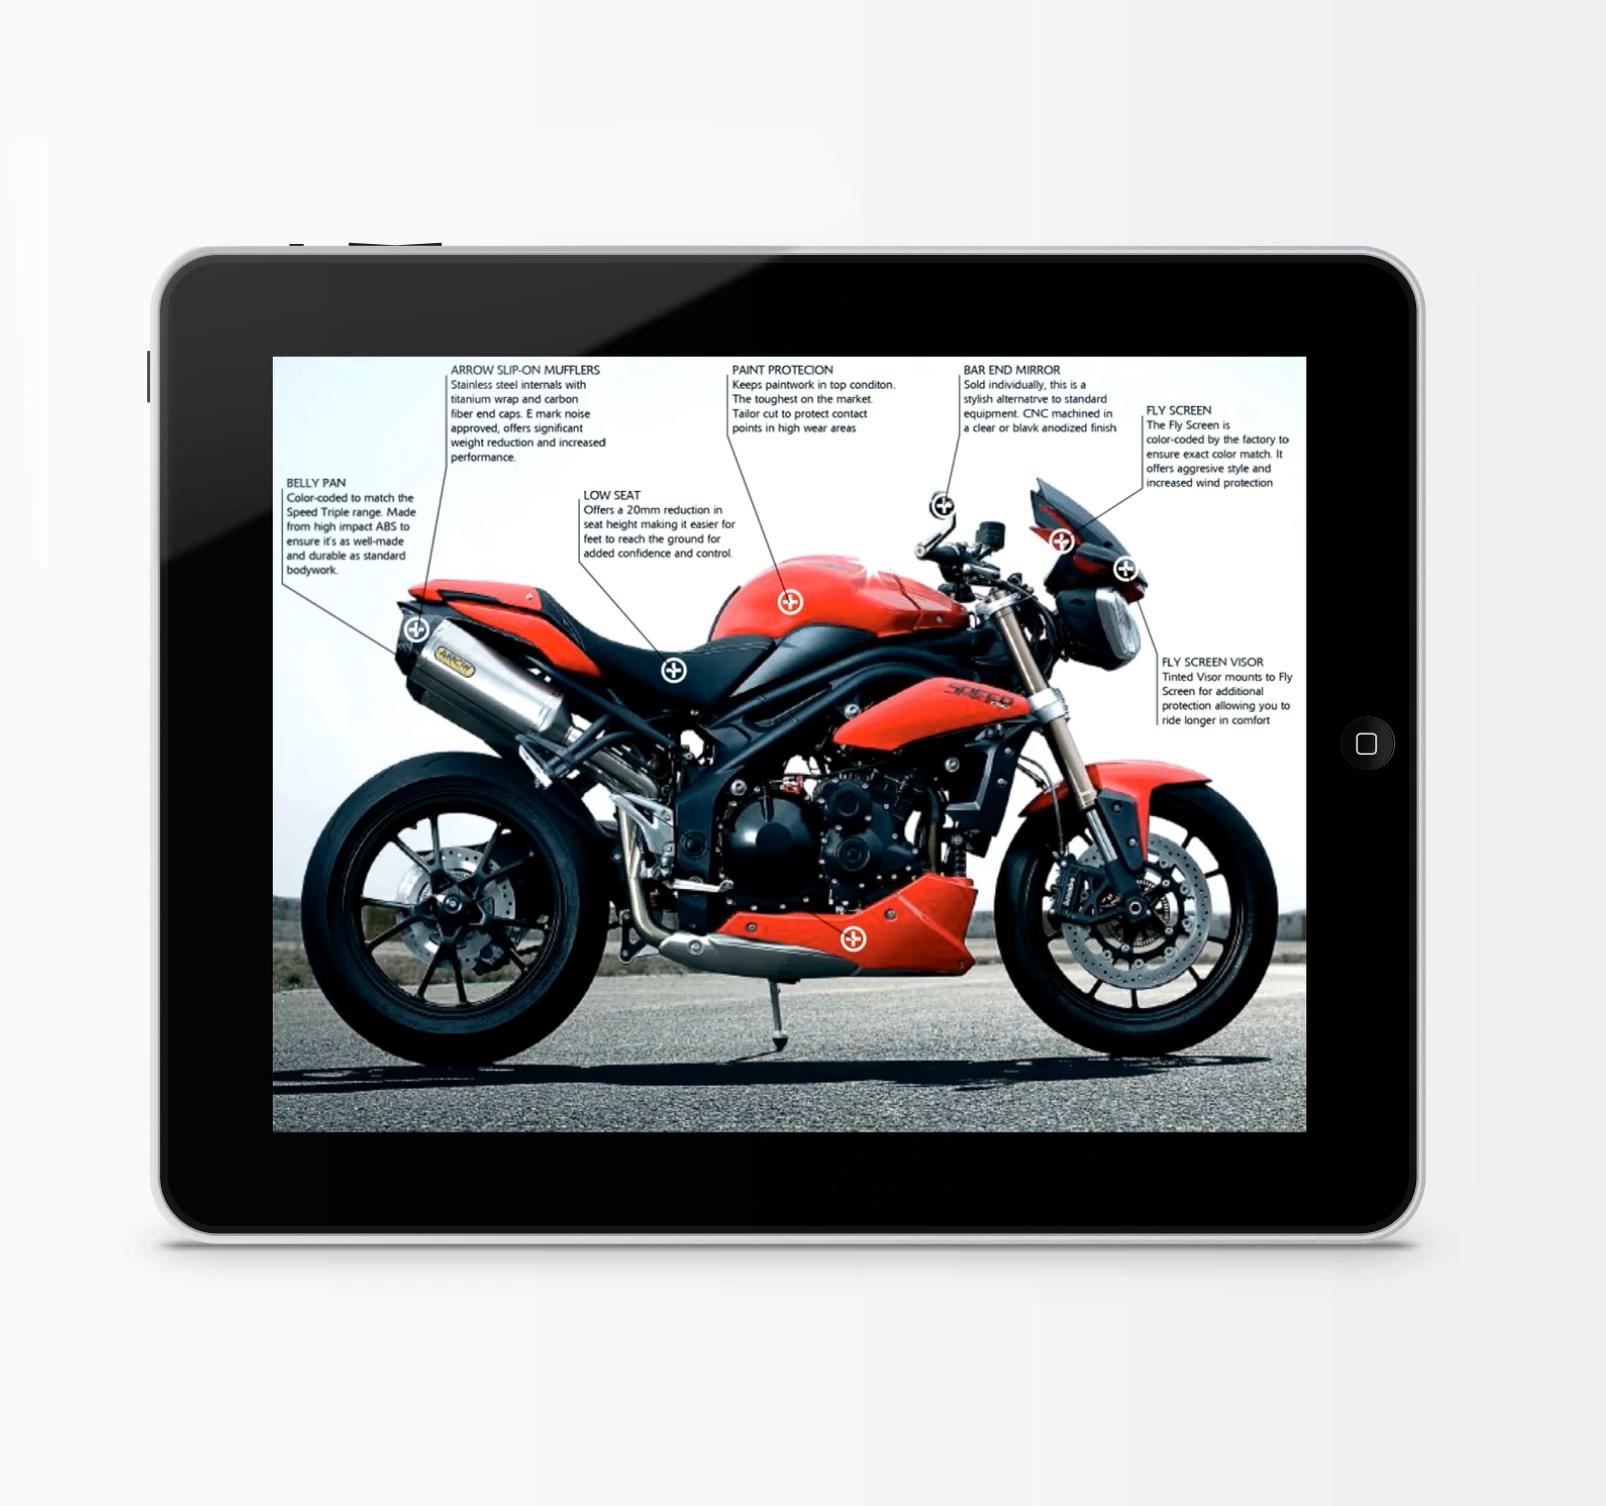 iPad_Triumph_Callouts